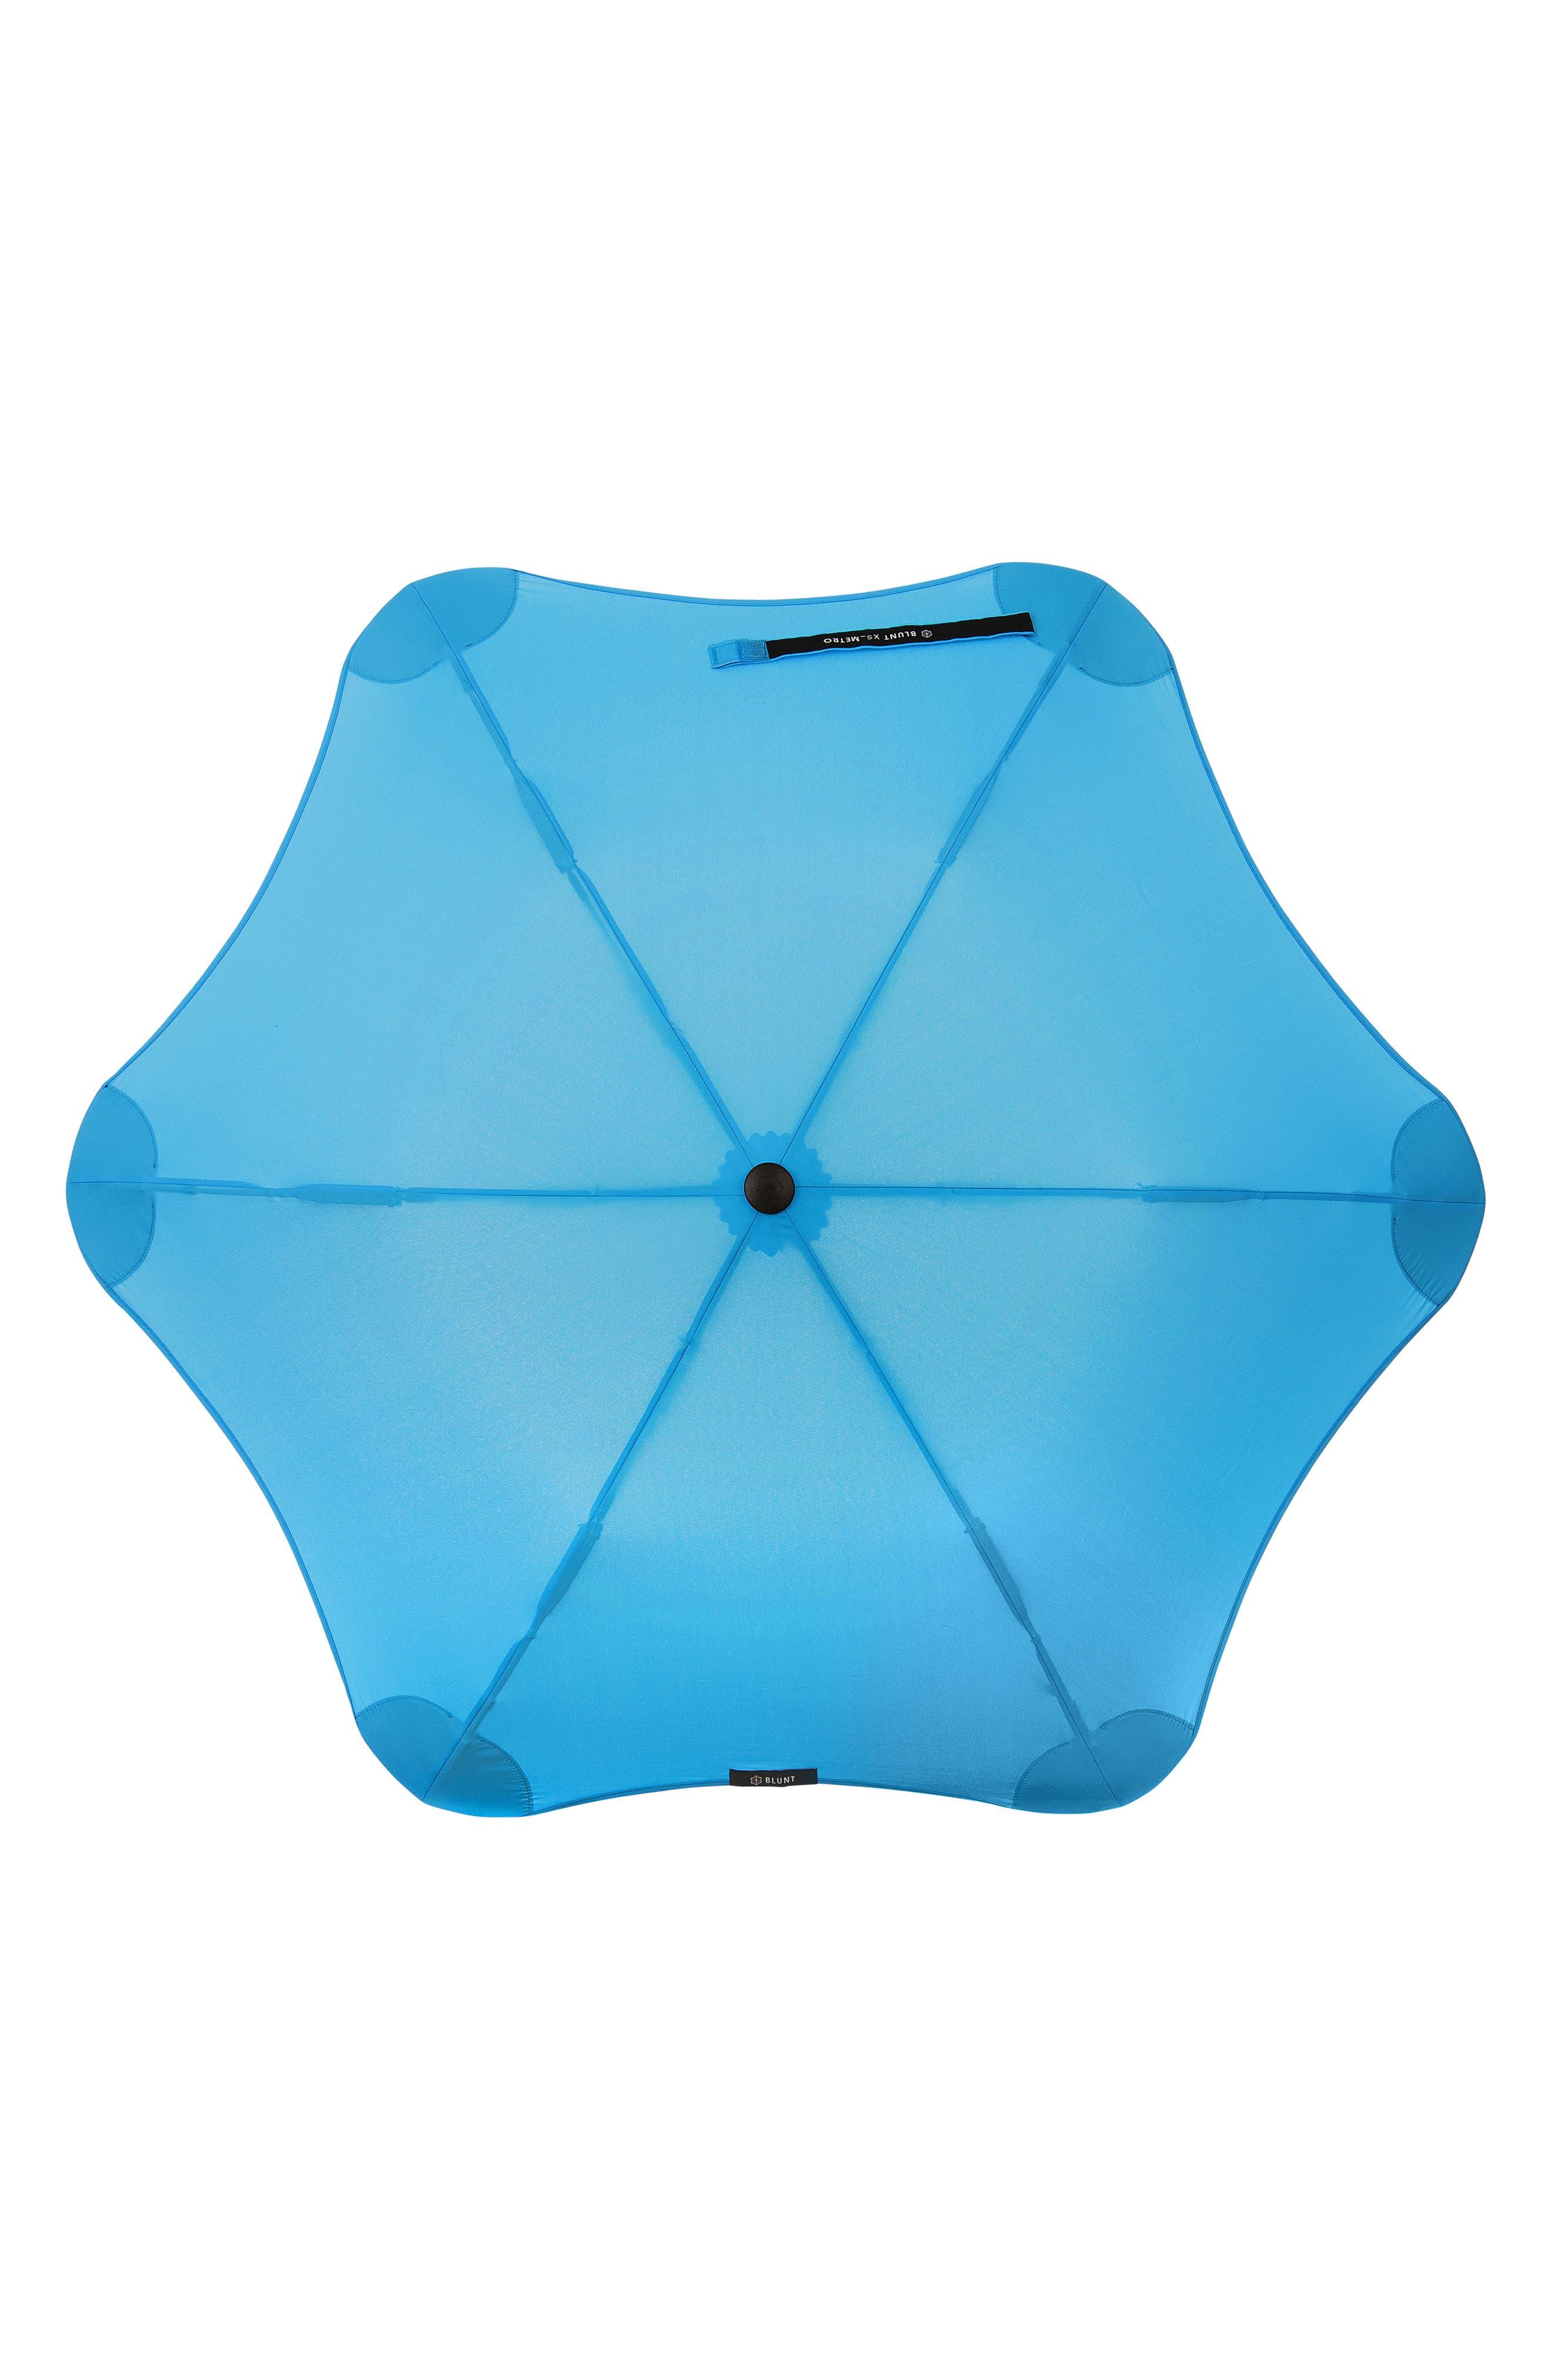 Metro Umbrella,                             Alternate thumbnail 3, color,                             AQUA BLUE